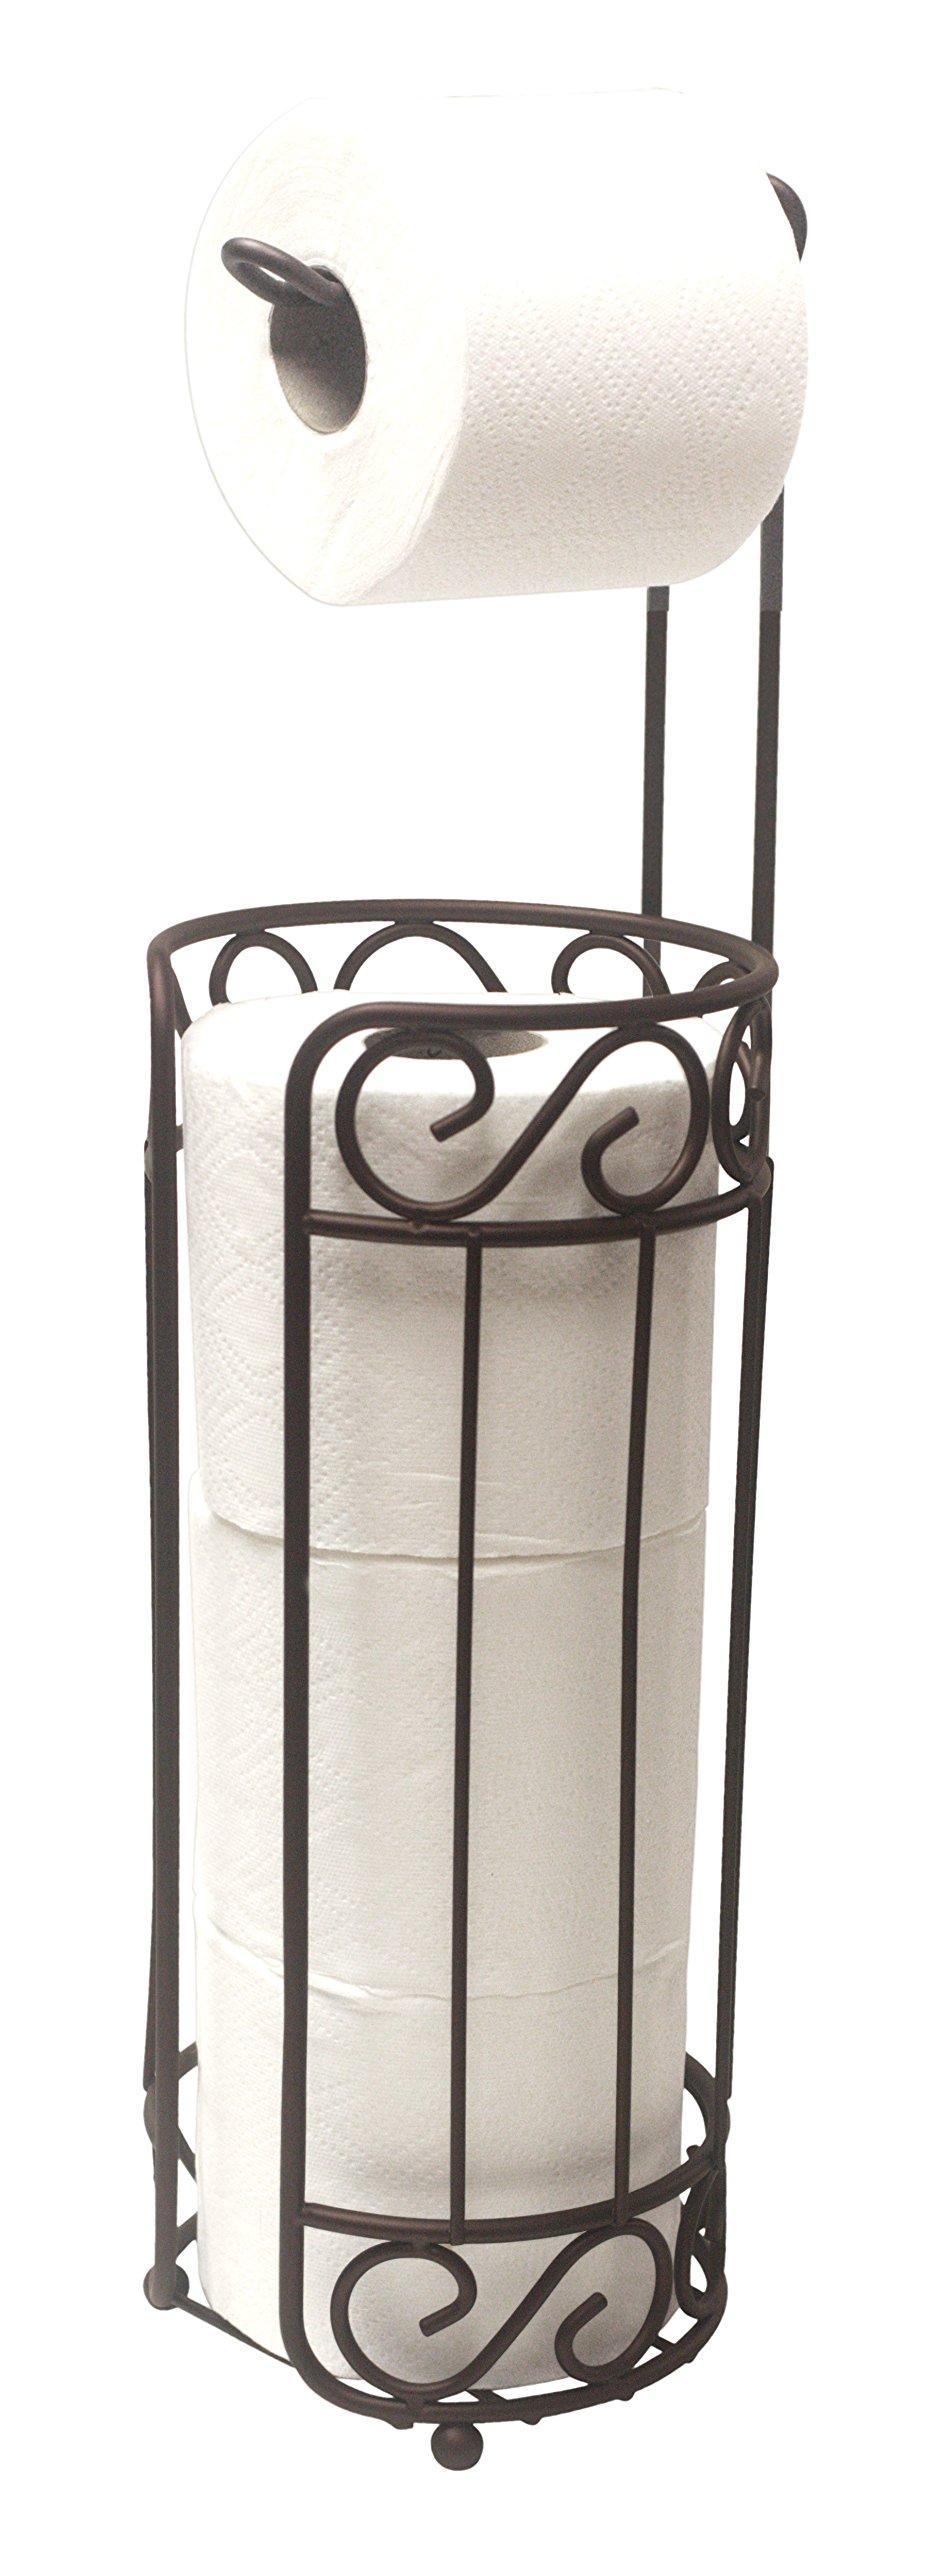 Home Basics Bronze Scroll Toilet Paper Holder and dispenser